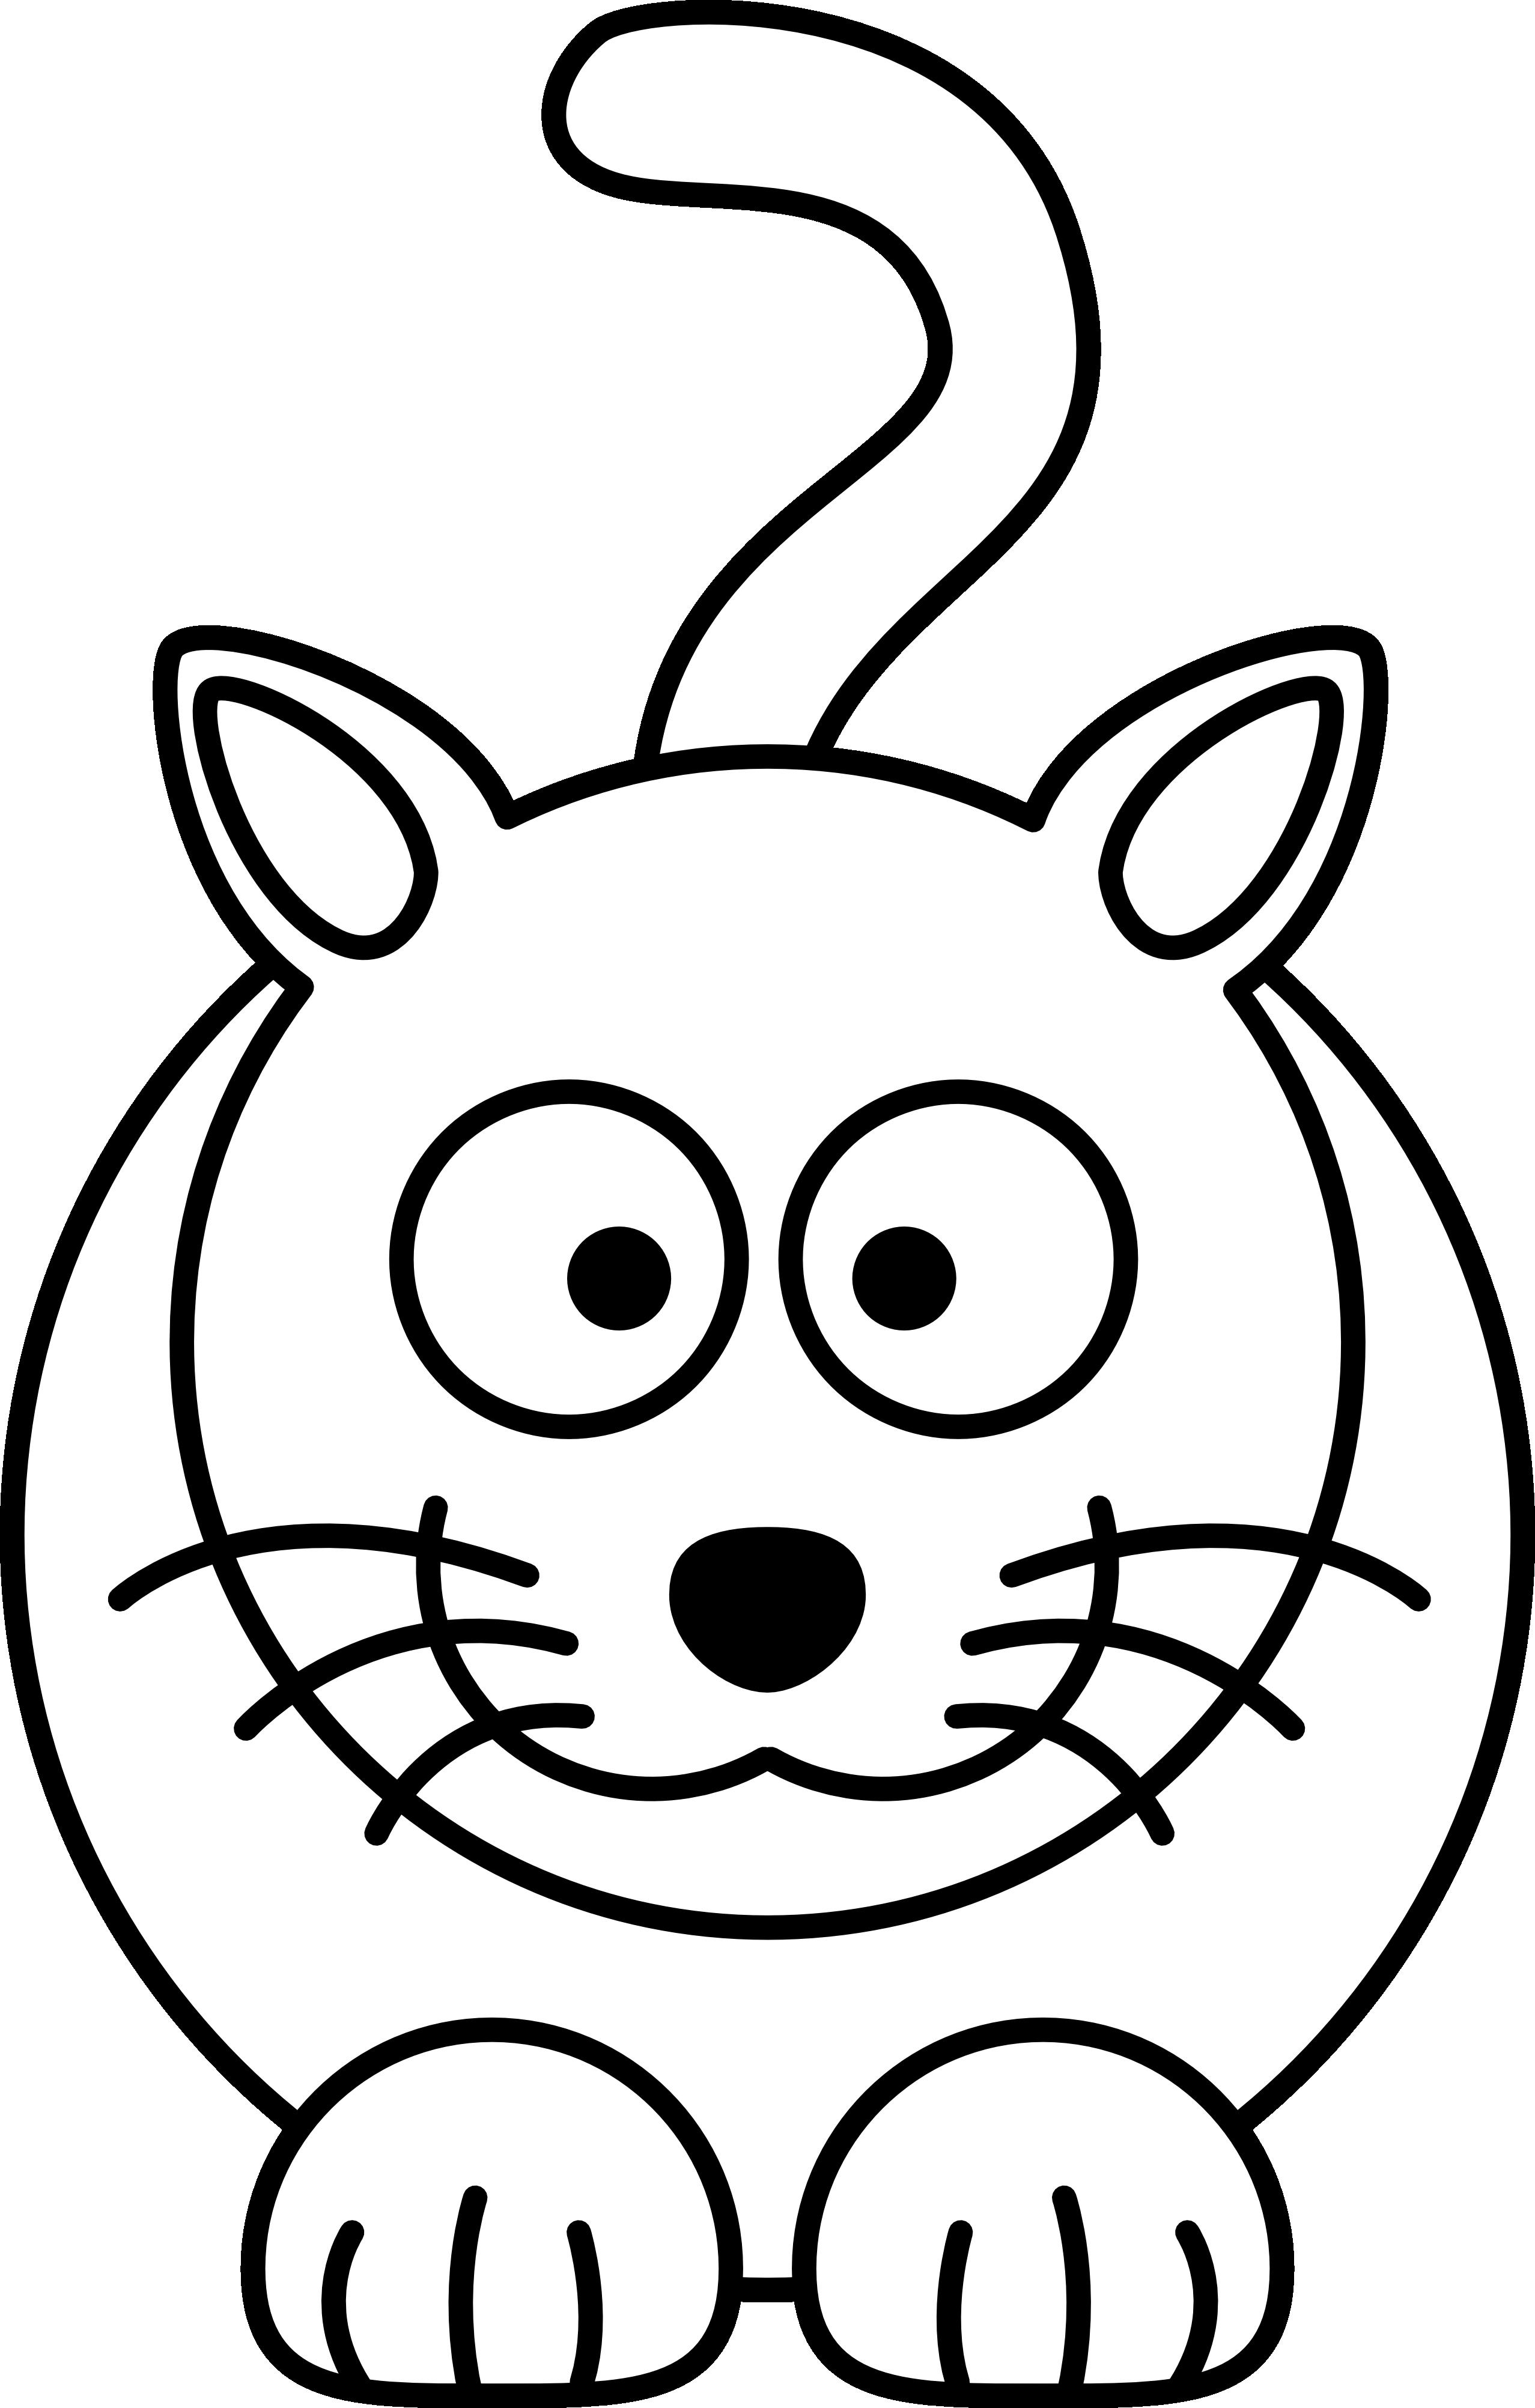 2555x4009 Cartoon Cat Clipart Free Download Clip Art